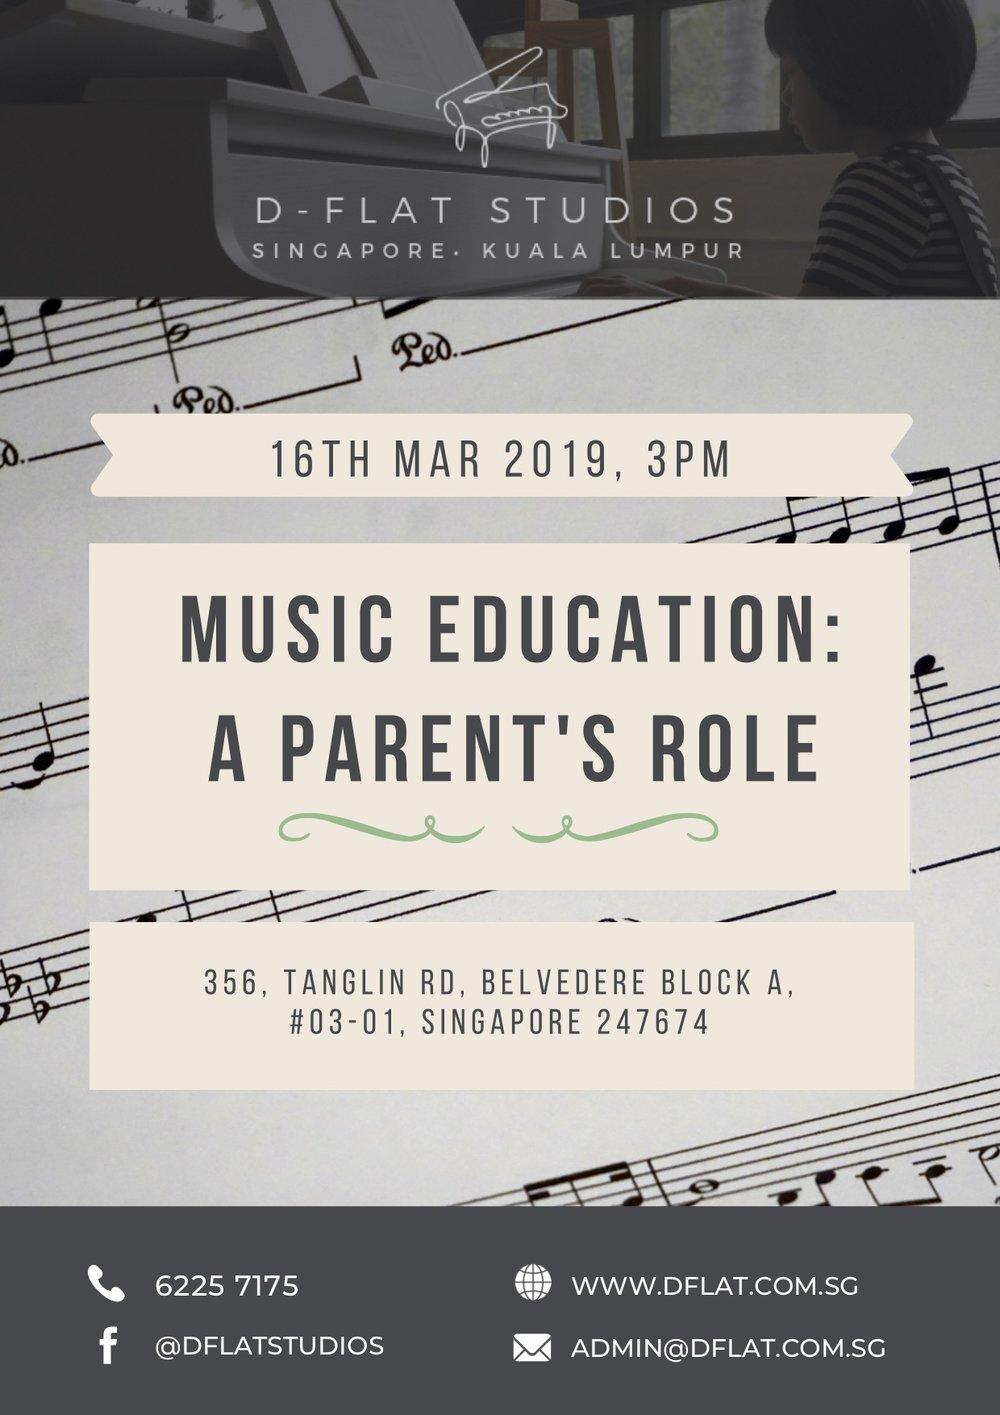 Music Education: A Parent's Role - 16th Mar 2019